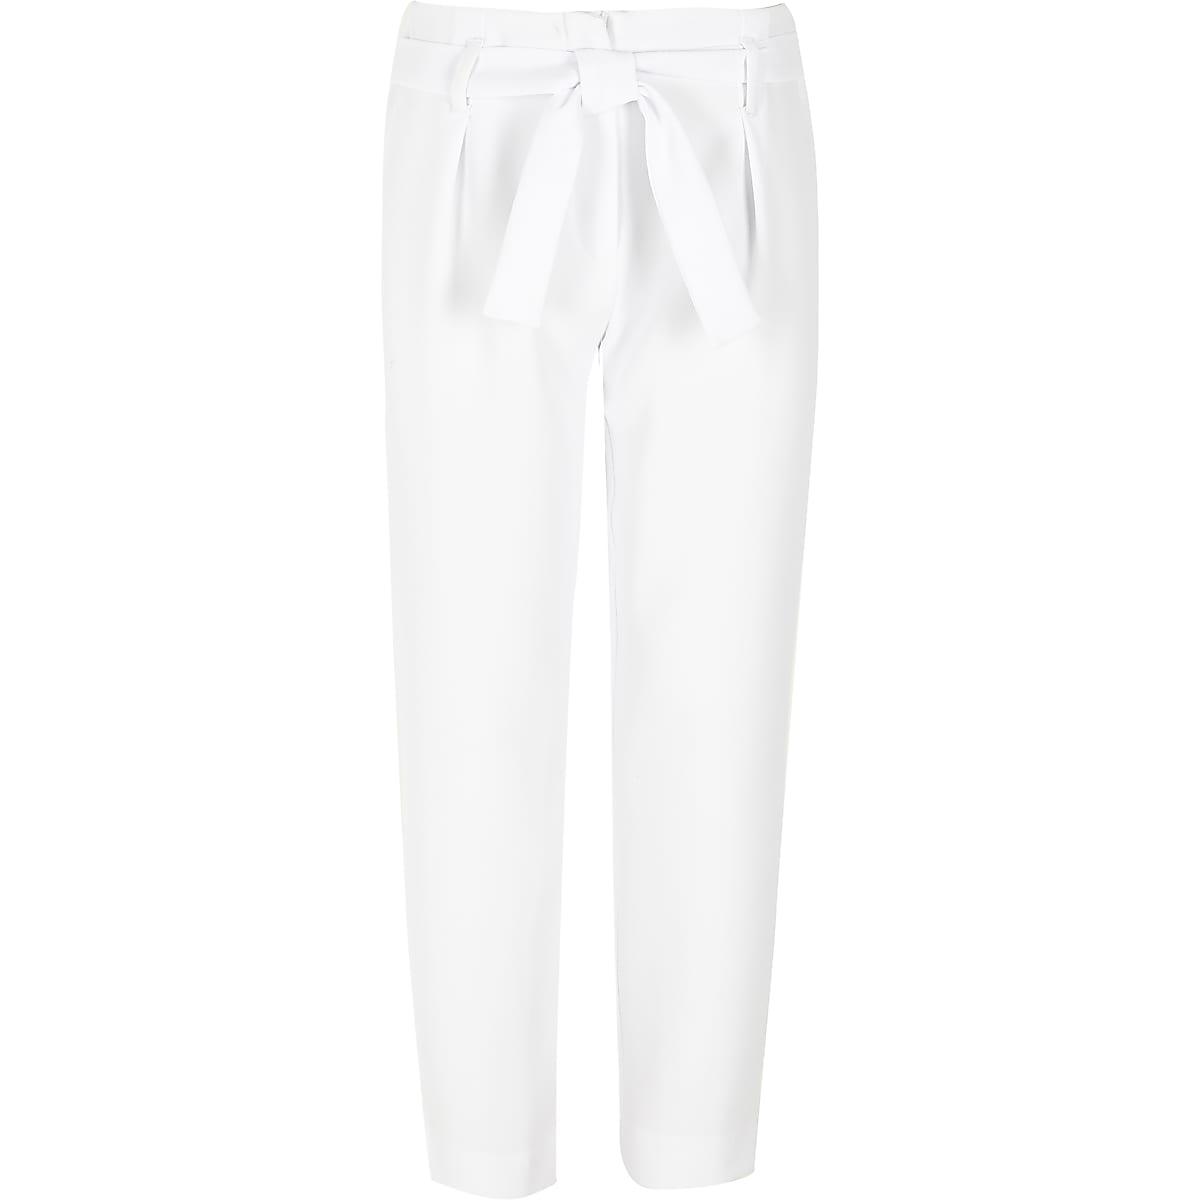 Girls white tie waist tapered pants